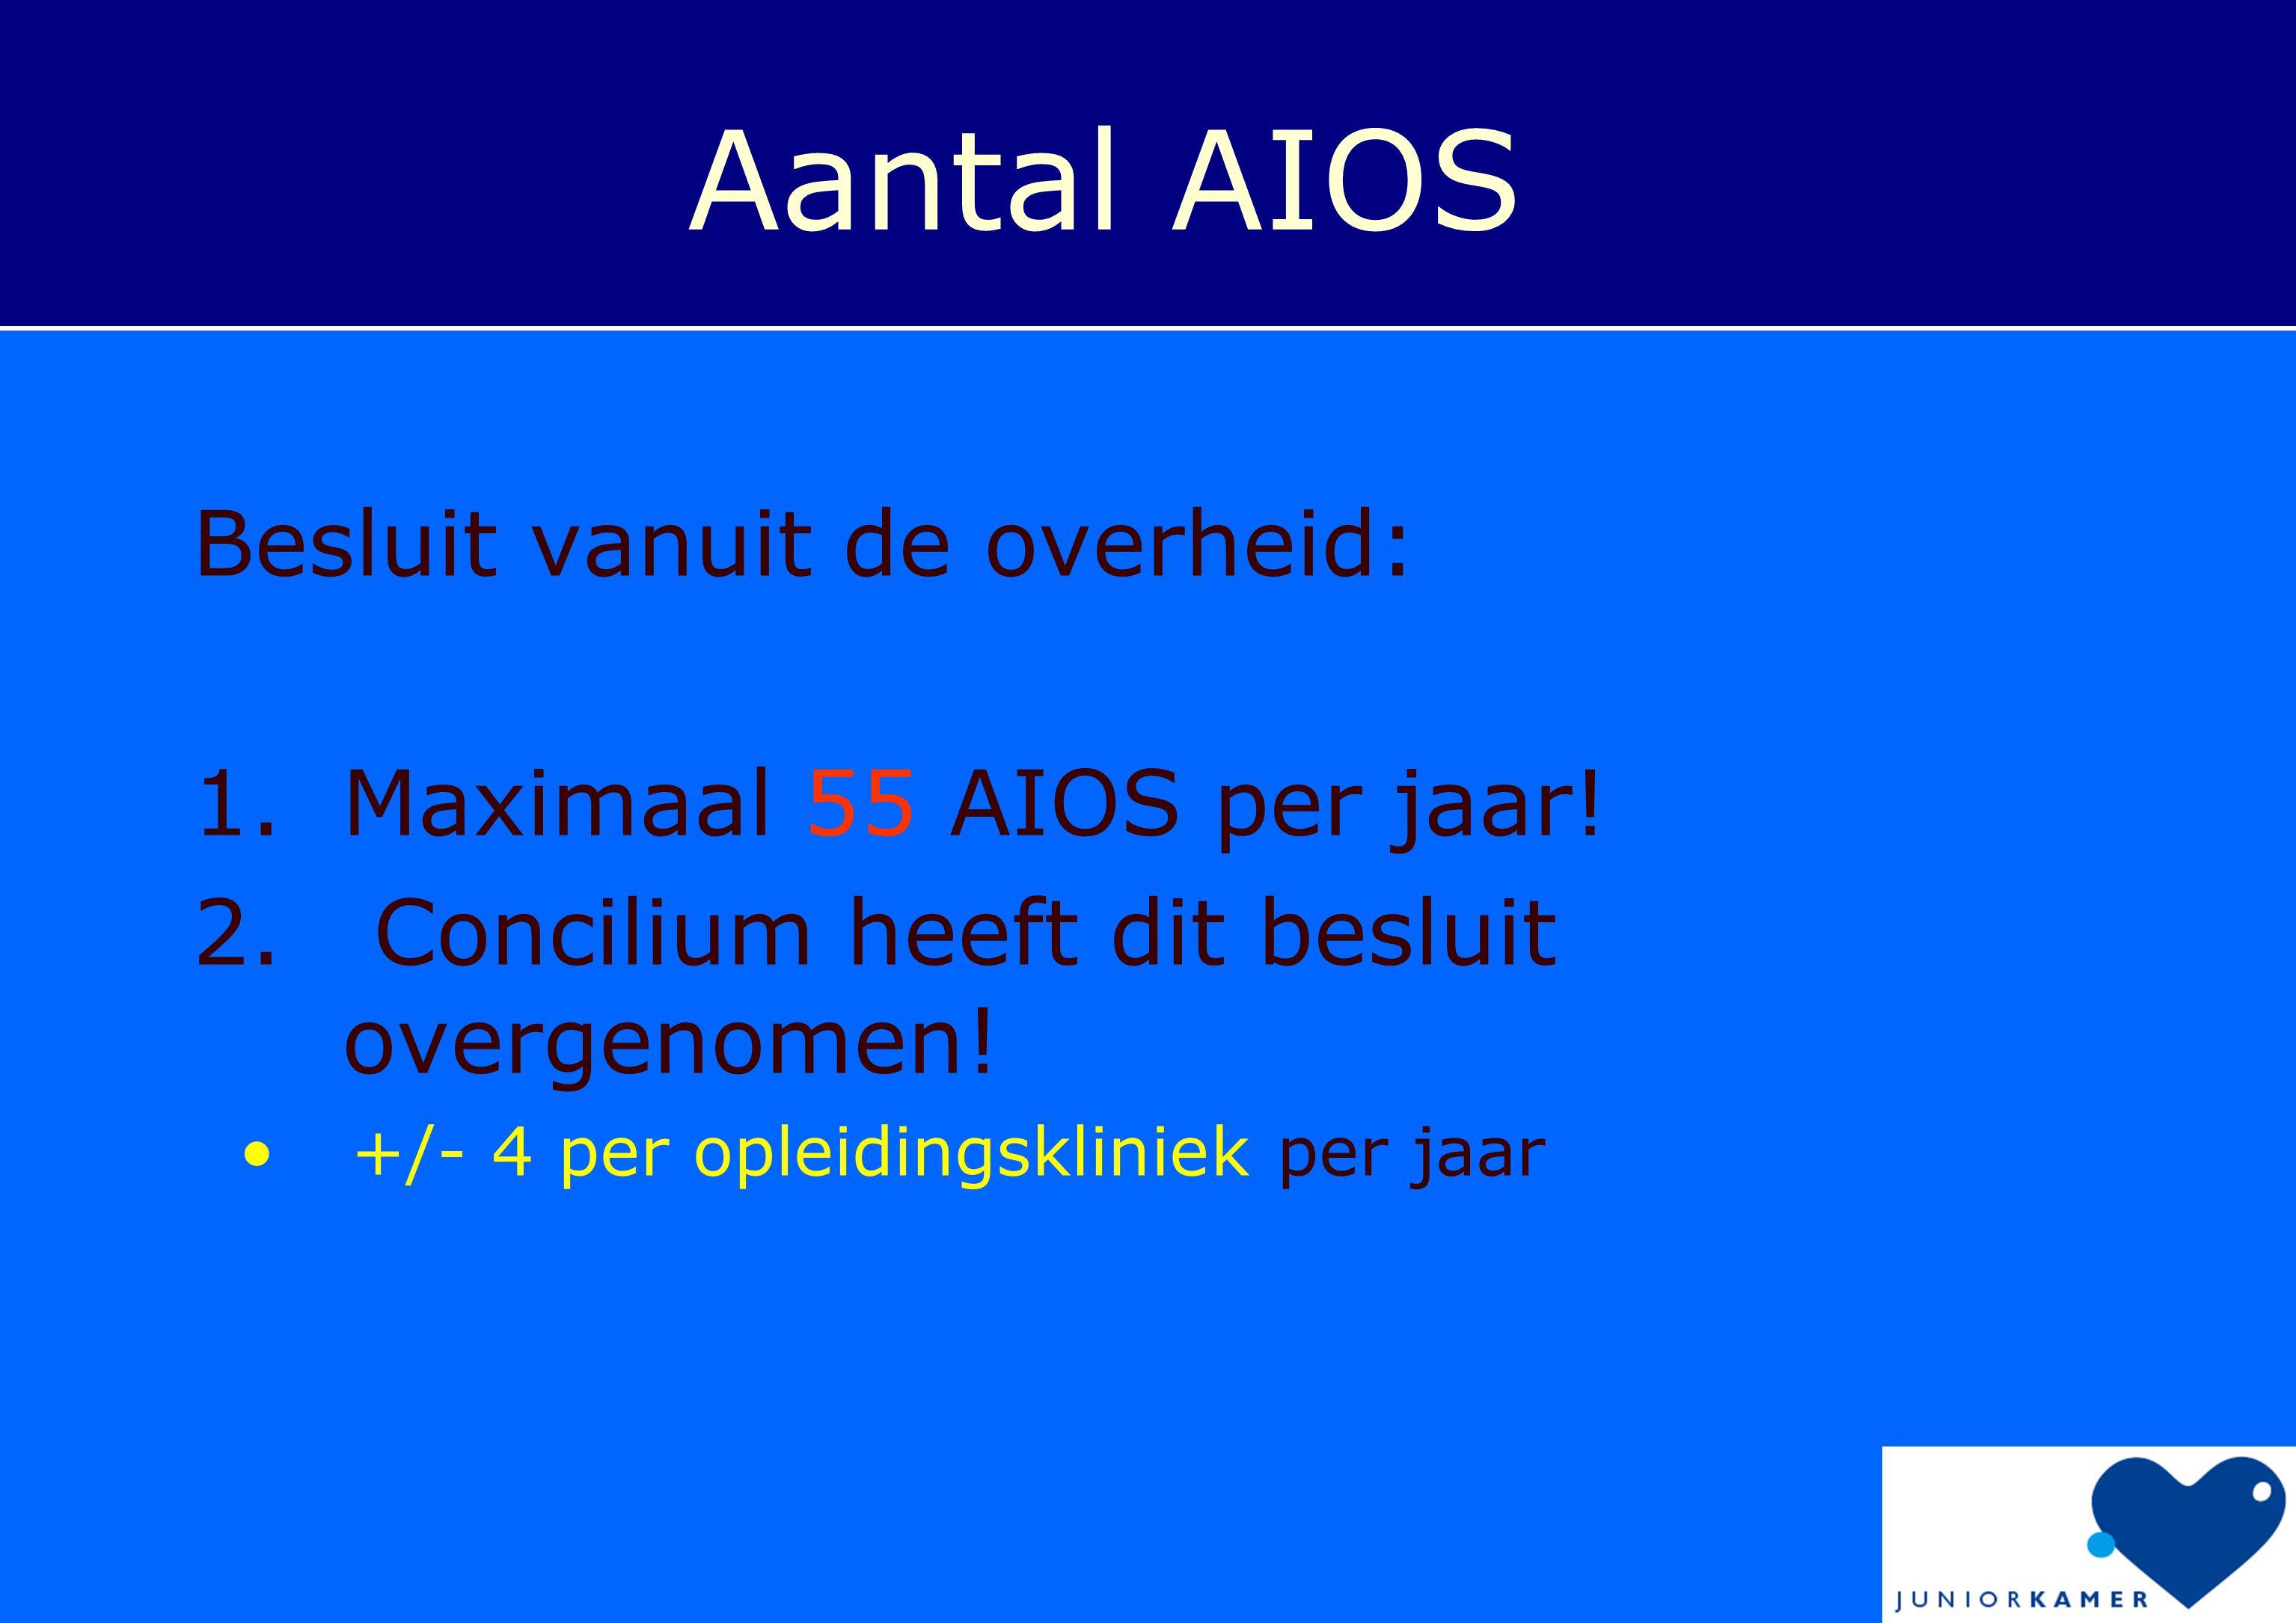 Besluit vanuit de overheid: 1.Maximaal 55 AIOS per jaar! 2. Concilium heeft dit besluit overgenomen! •+/- 4 per opleidingskliniek per jaar